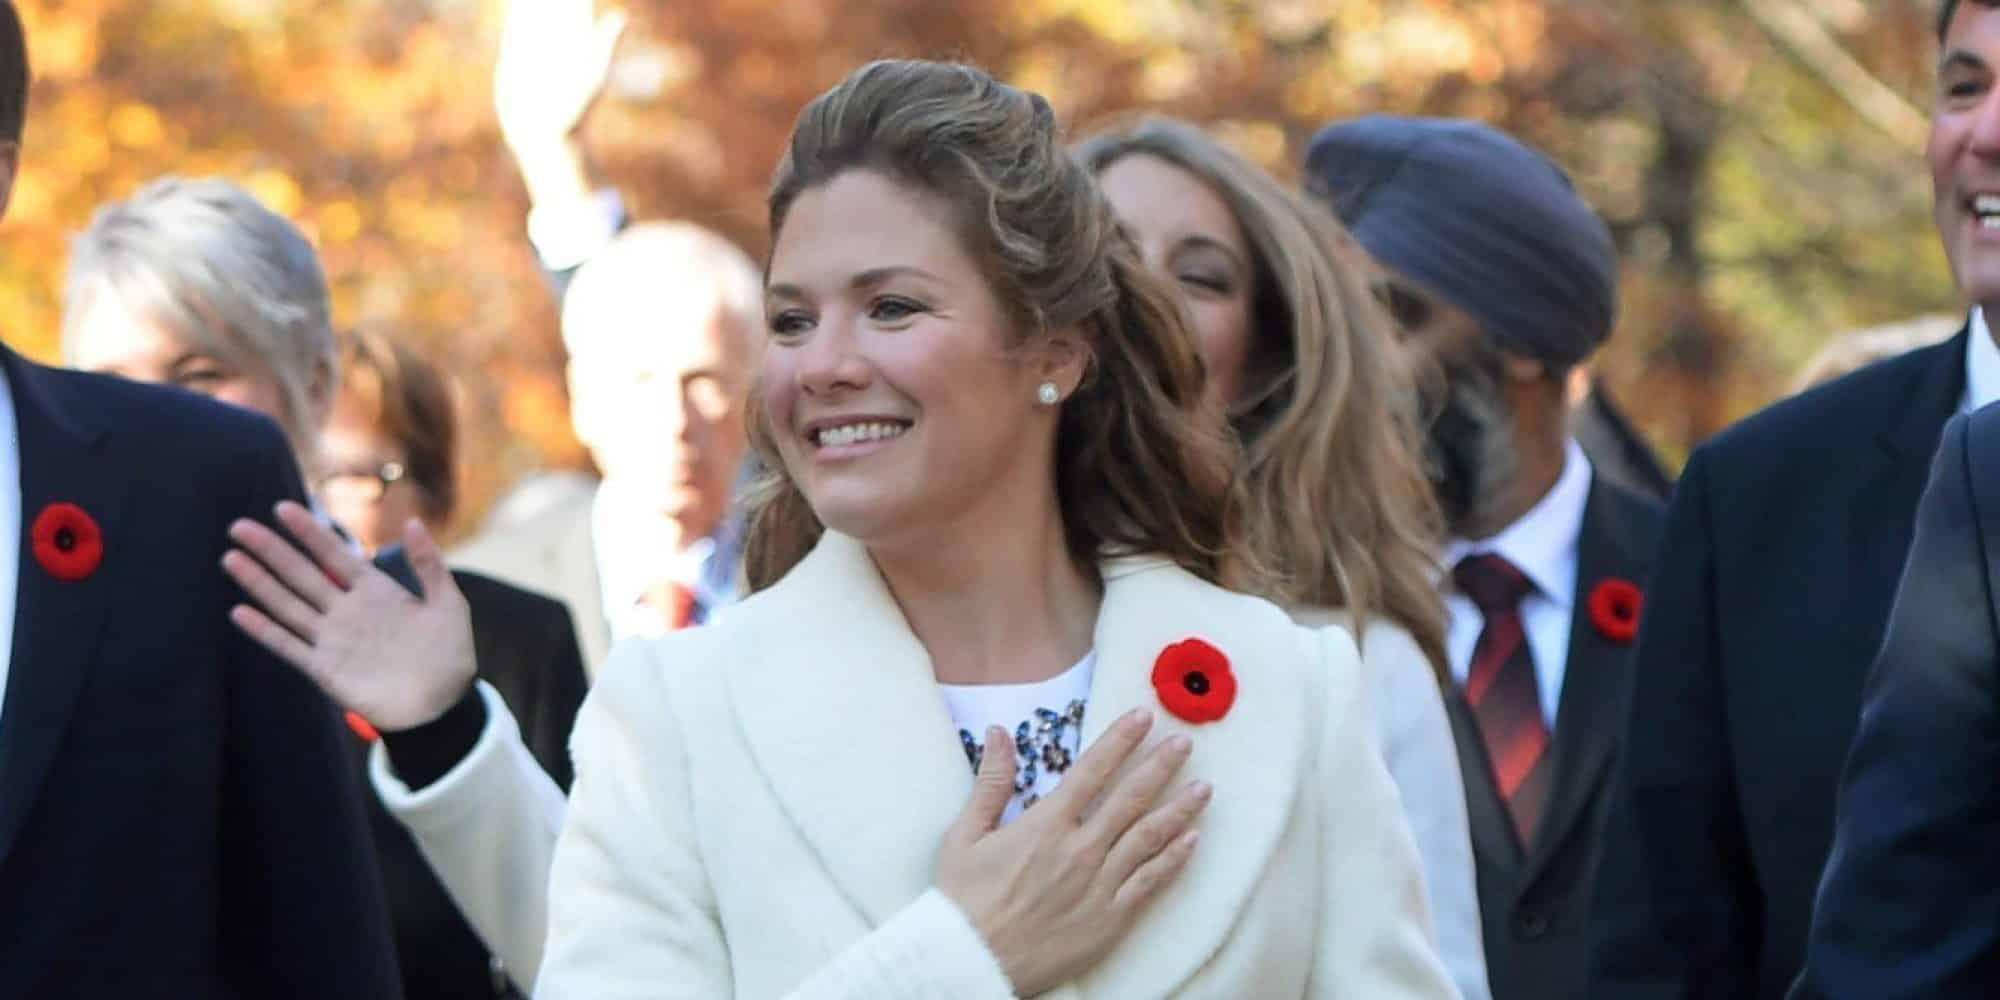 Día Internacional de la Mujer: Mensaje de Sophie Trudeau provoca debate